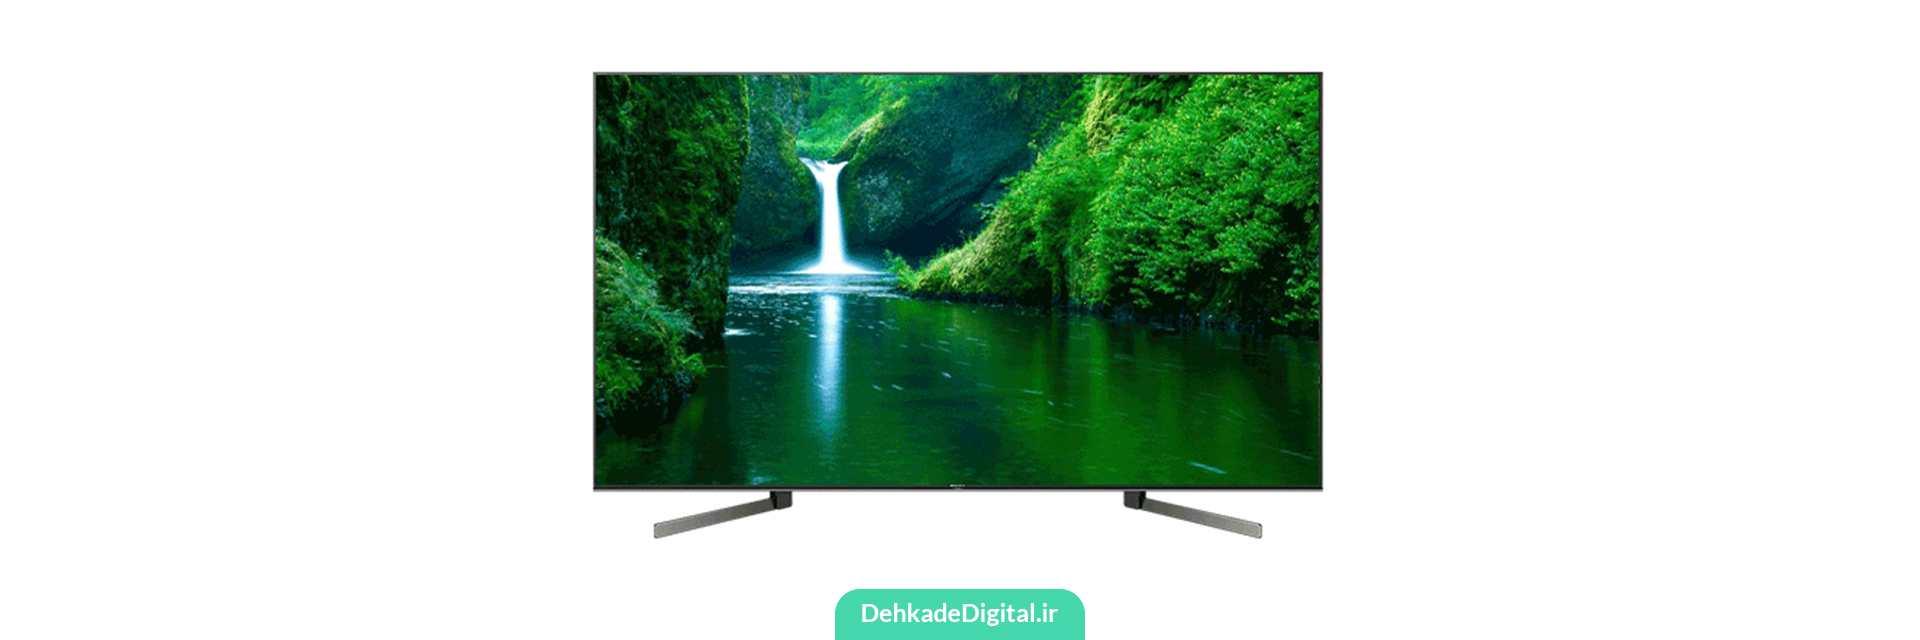 معرفی تلویزیون های سونی X9500G75